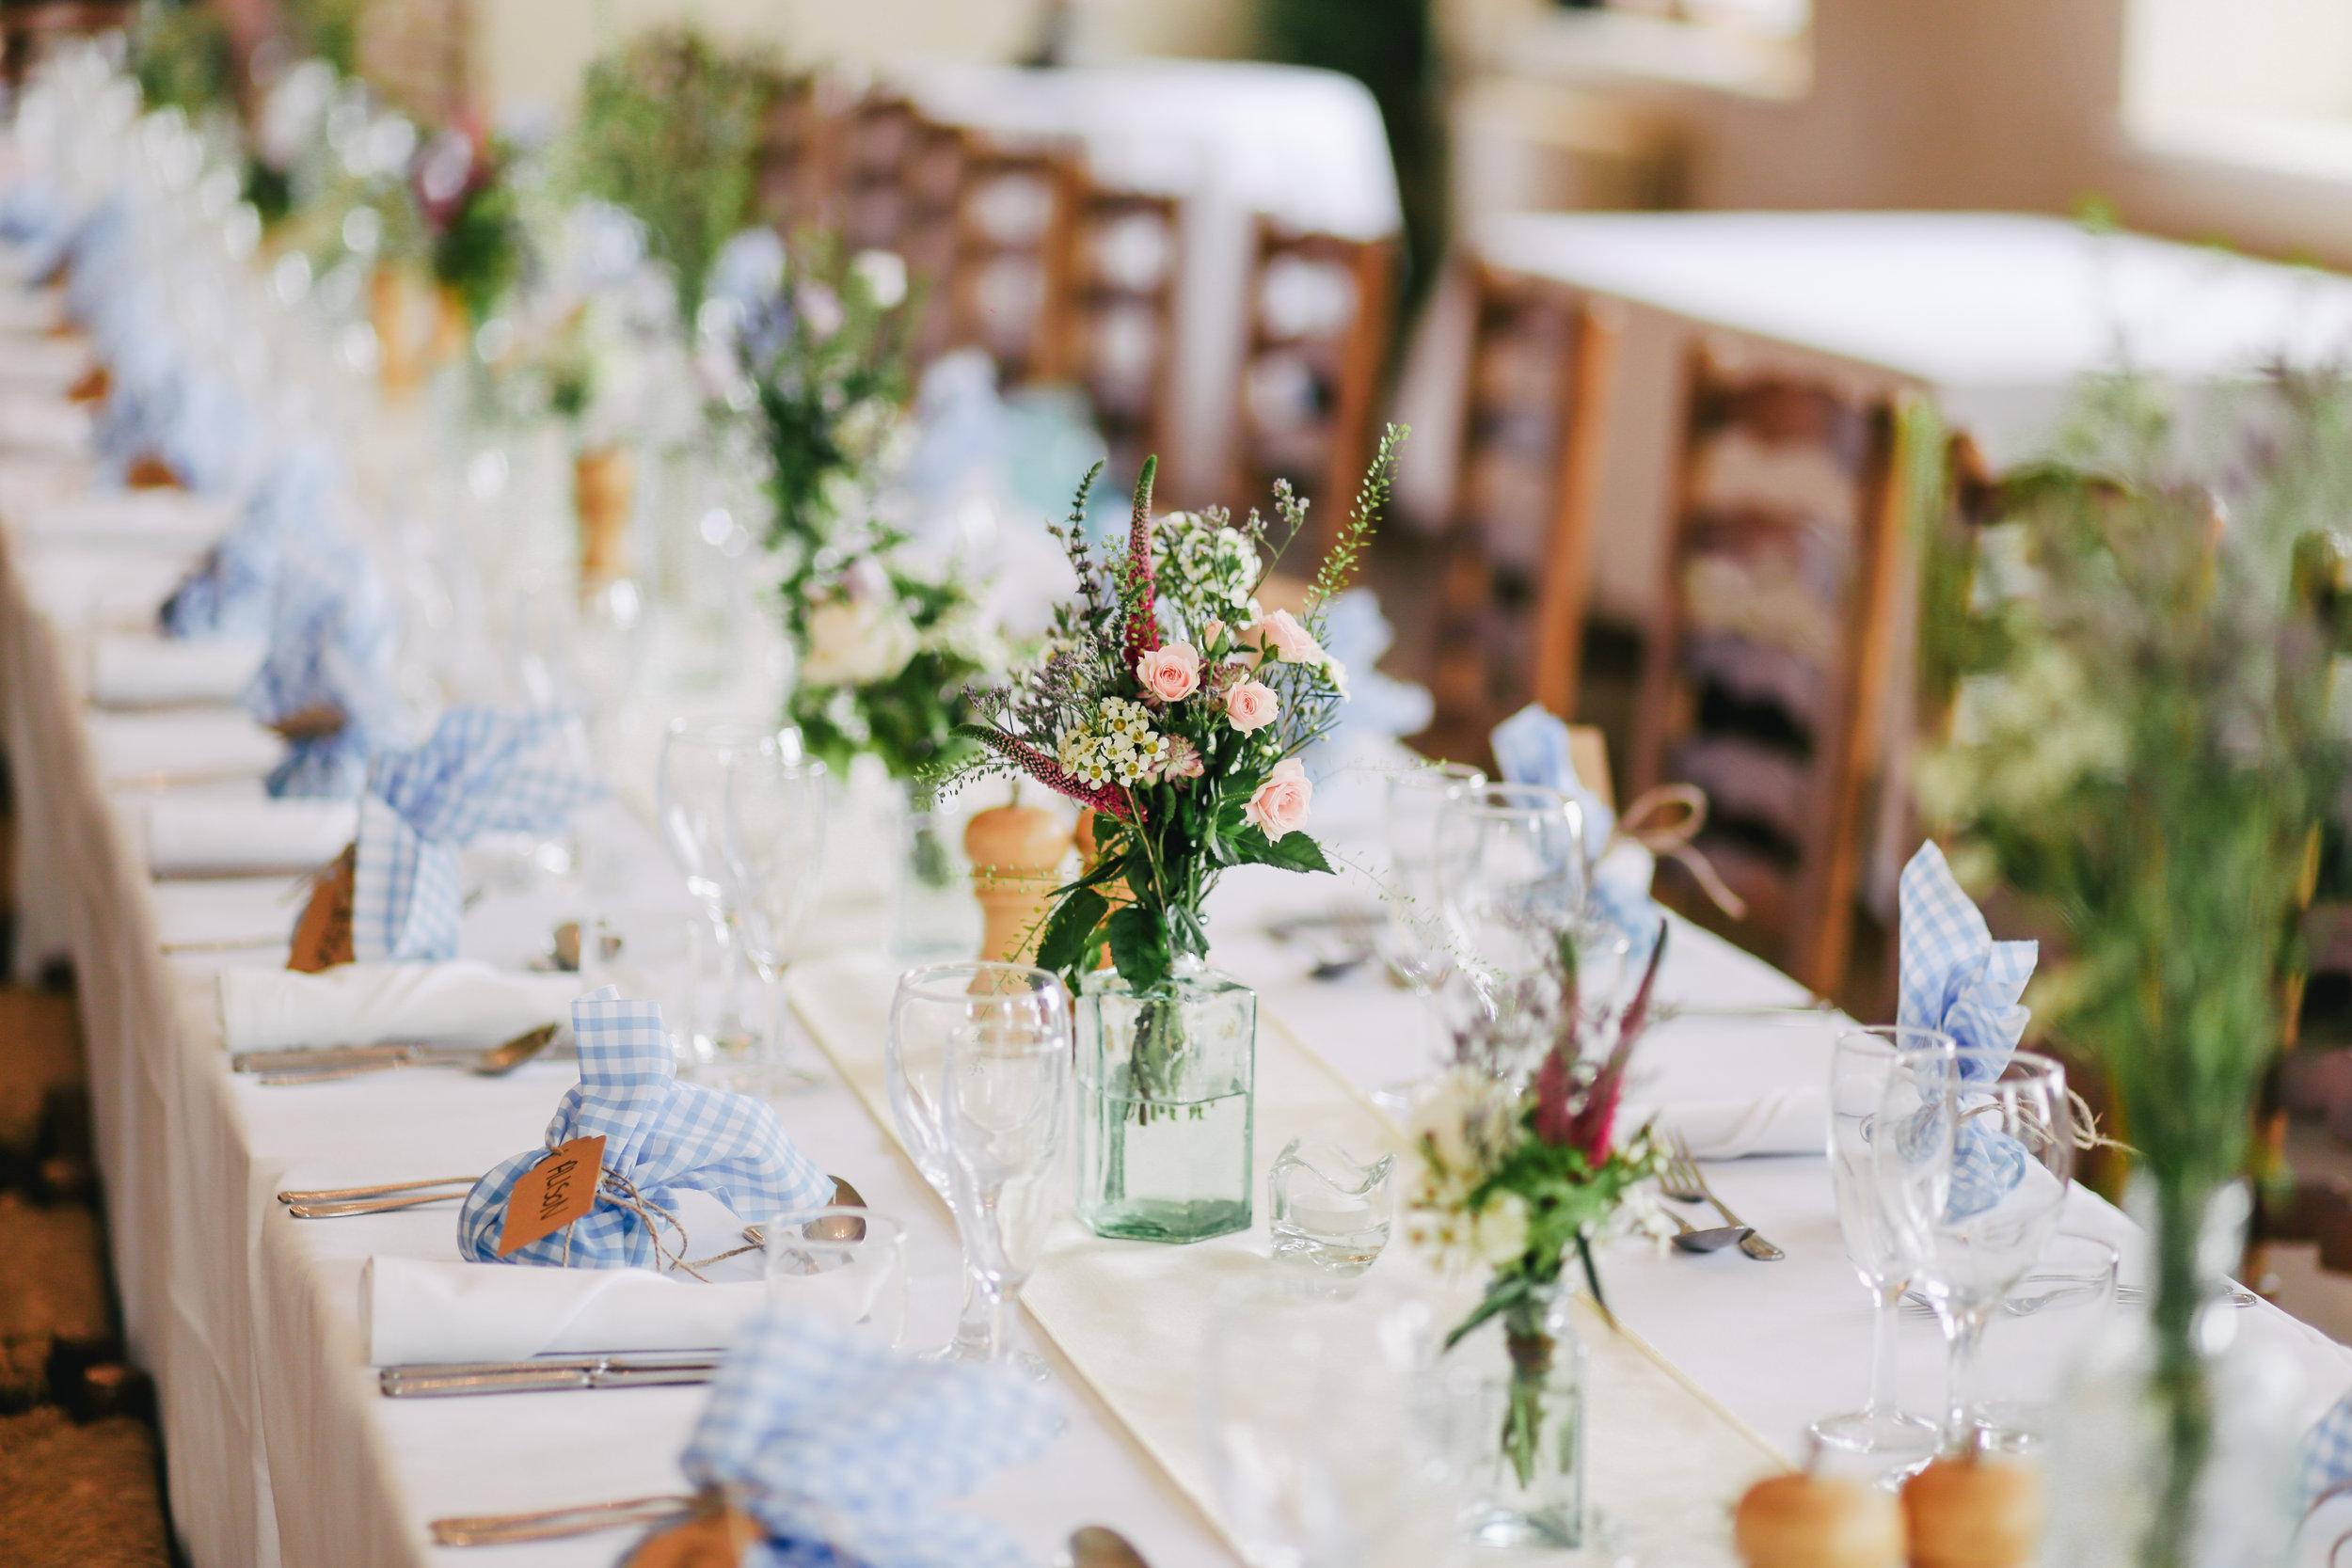 Event floral design. Table arrangements.